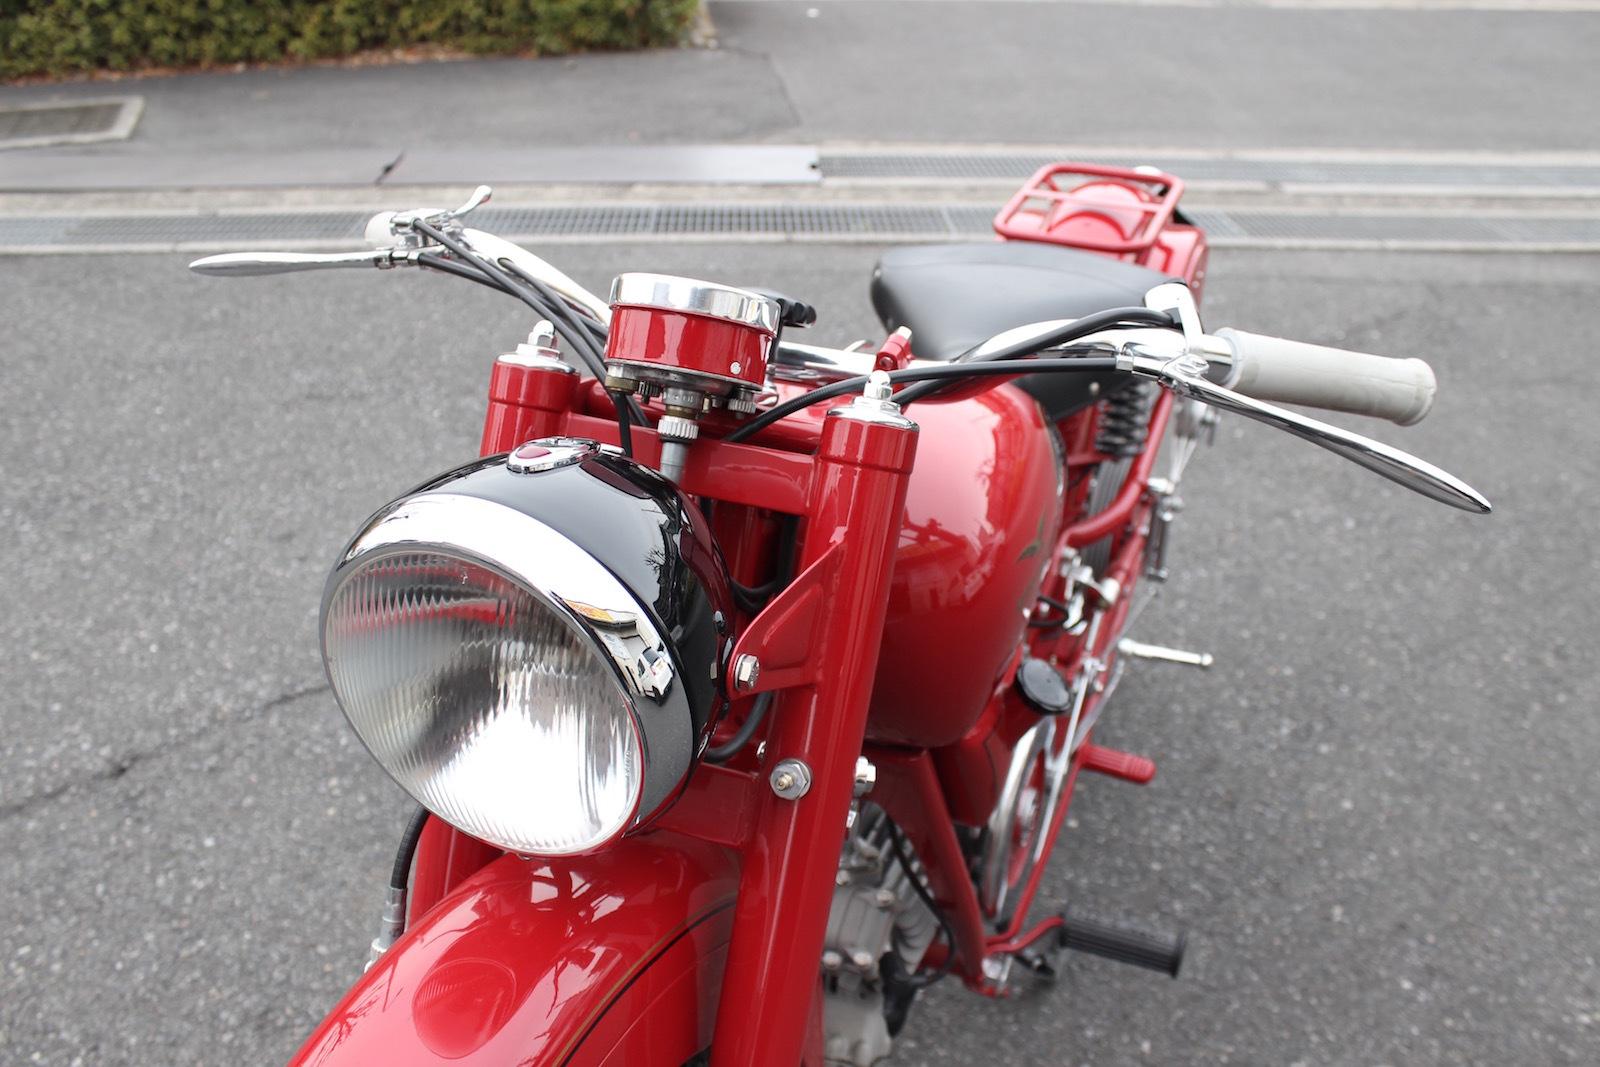 Moto Guzzi Airone Turismo 入荷。_a0208987_17583758.jpg